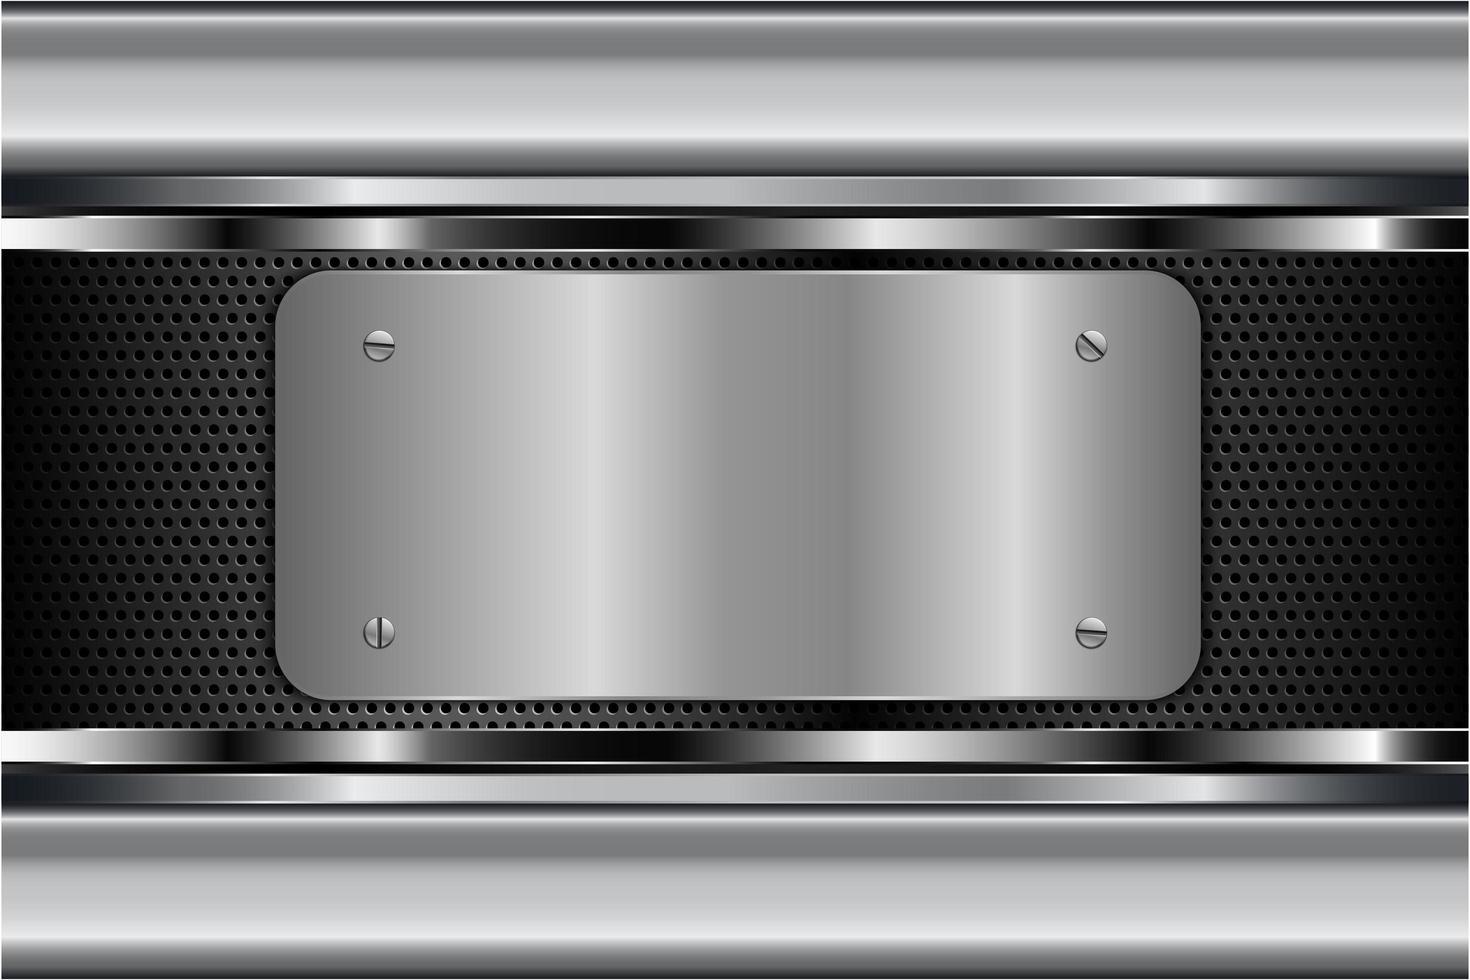 fondo metálico plateado moderno vector